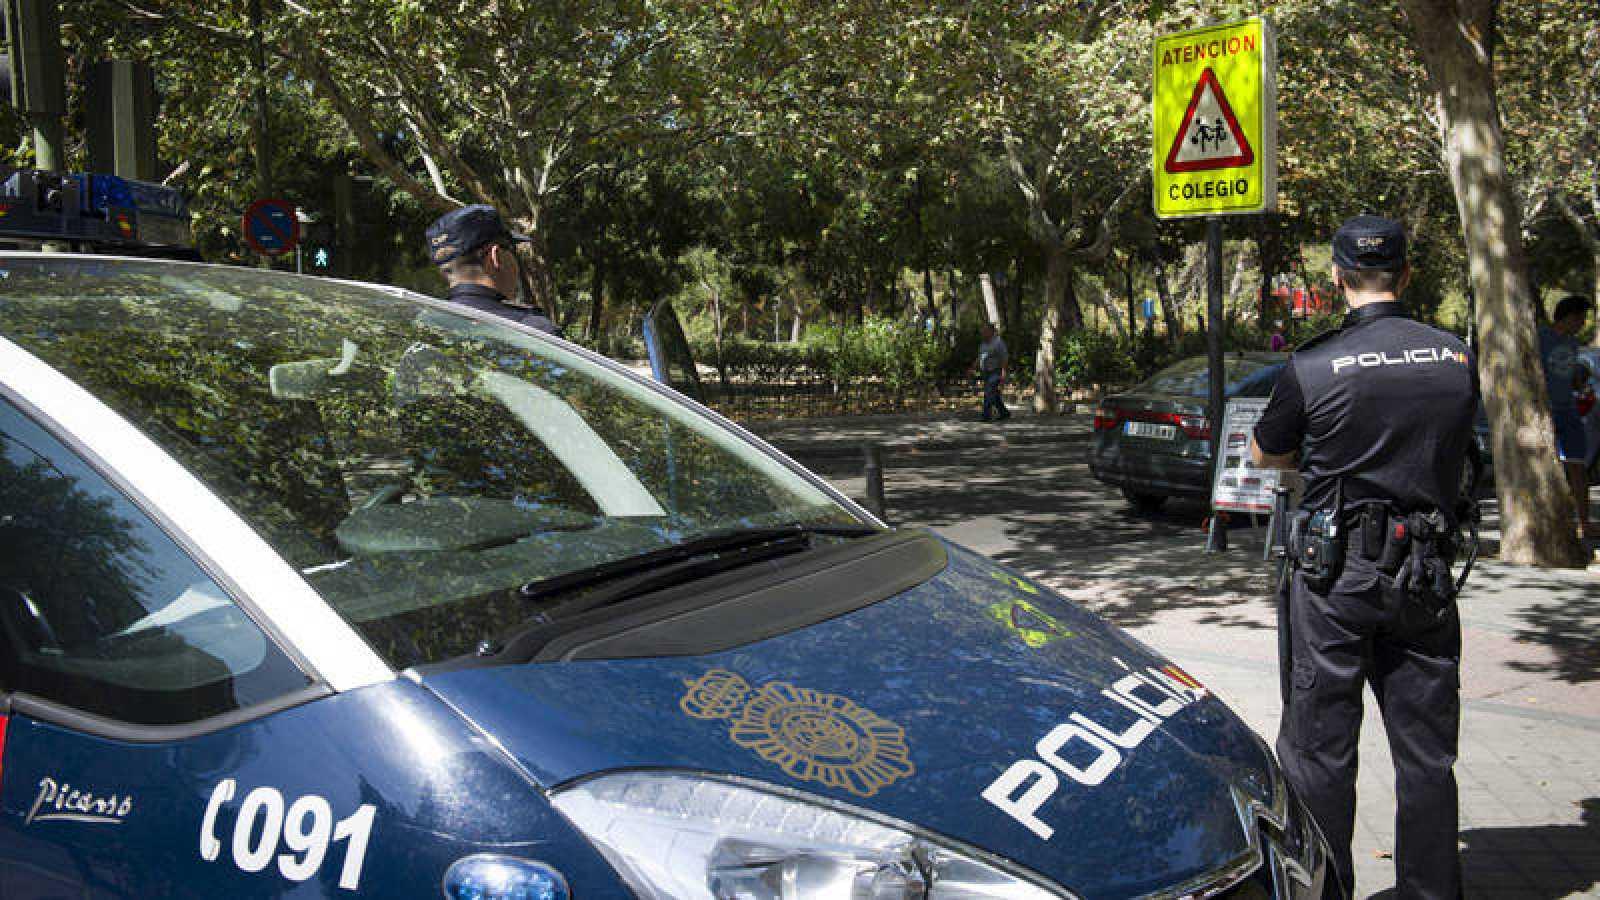 Fotografía de archivo de la Policía vigilando la salida de un colegio en Madrid en 2014